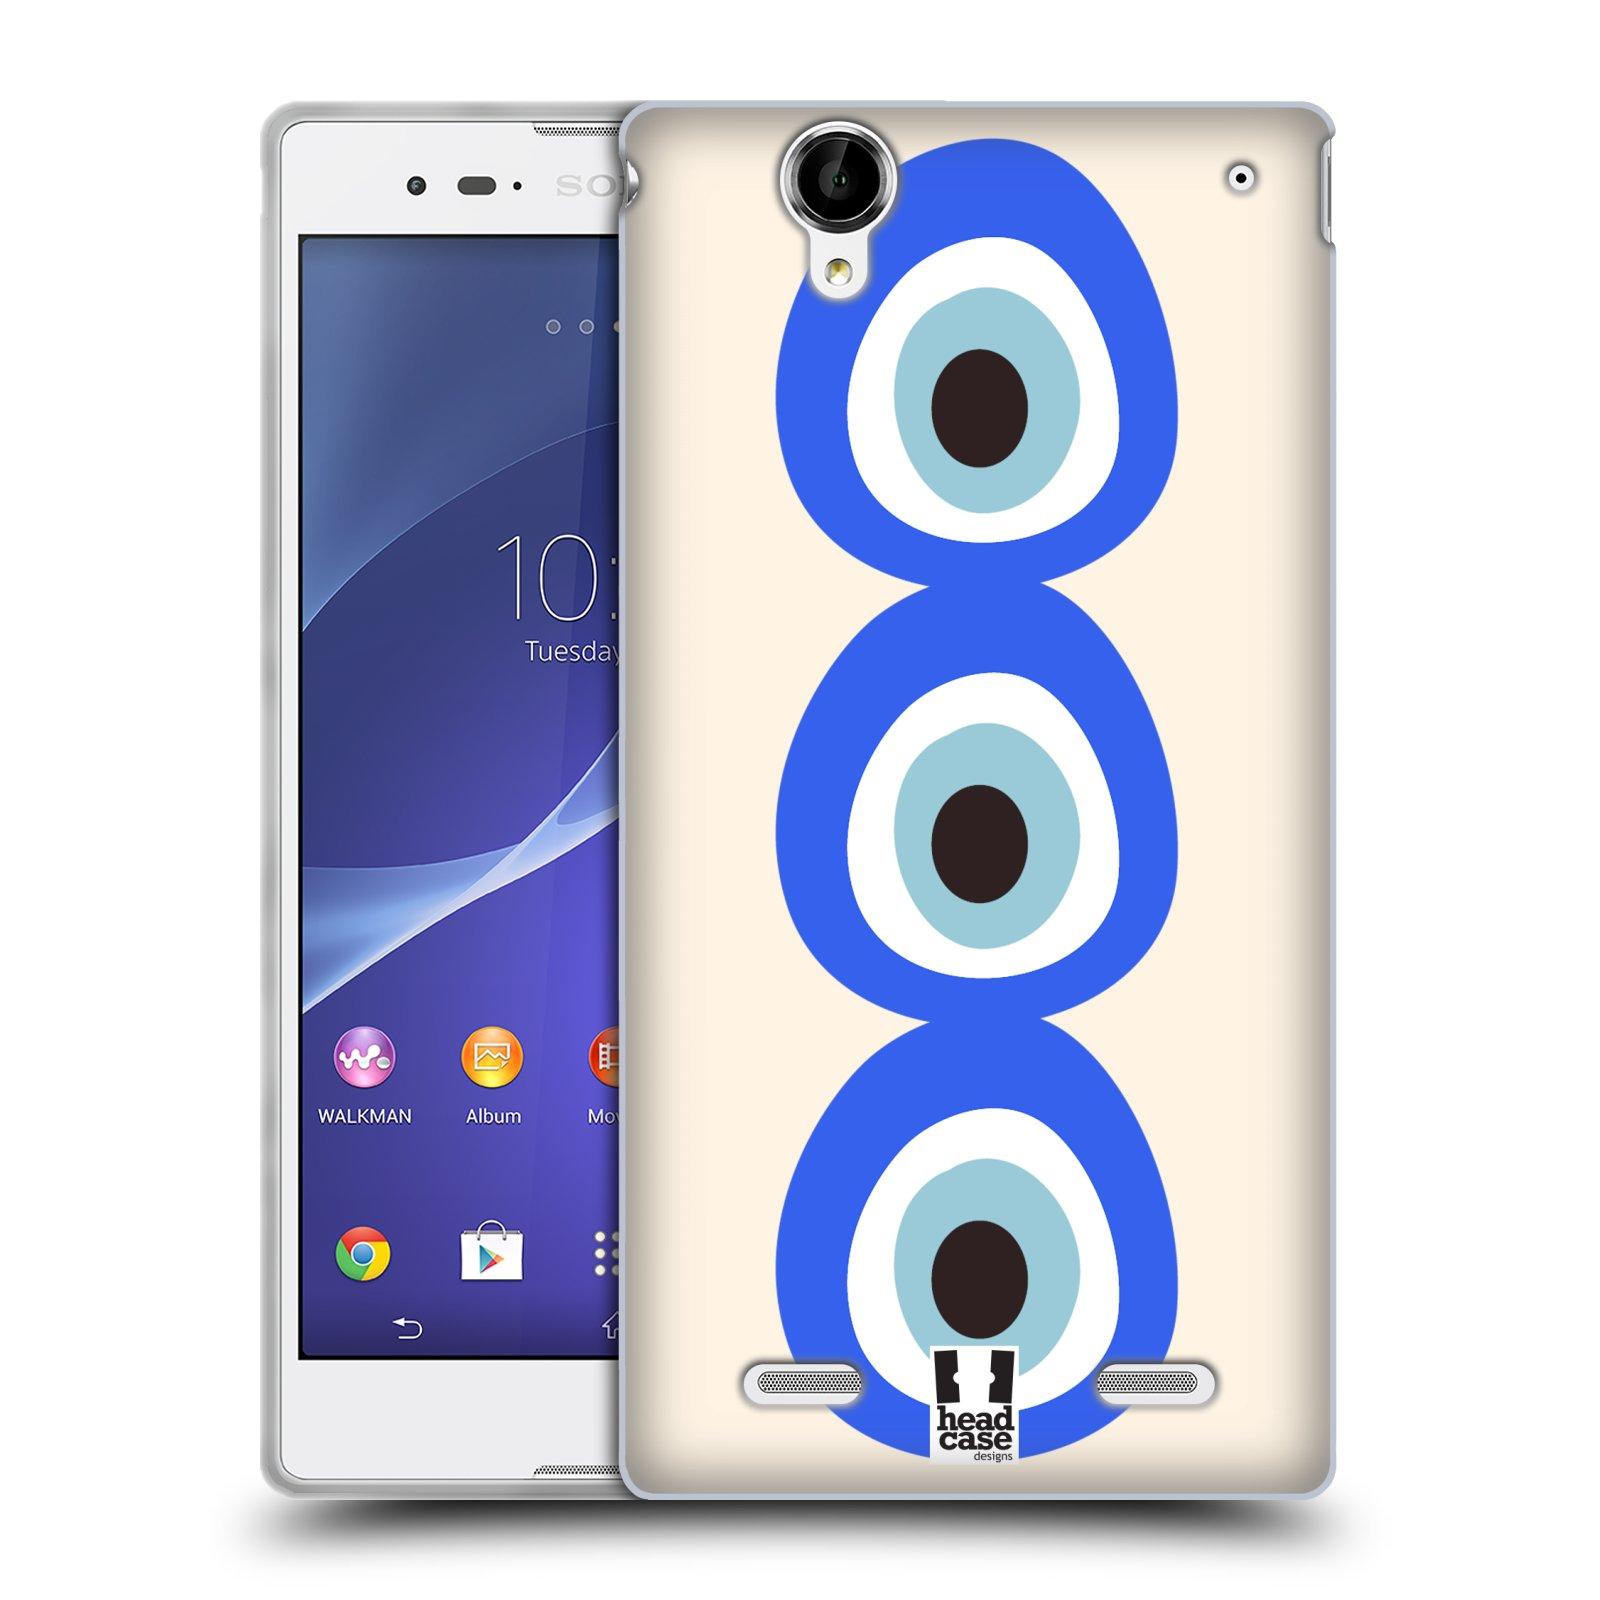 HEAD CASE silikonový obal na mobil Sony Xperia T2 Ultra/T2 Ultra DUAL SIM vzor Paví oko 3 očka